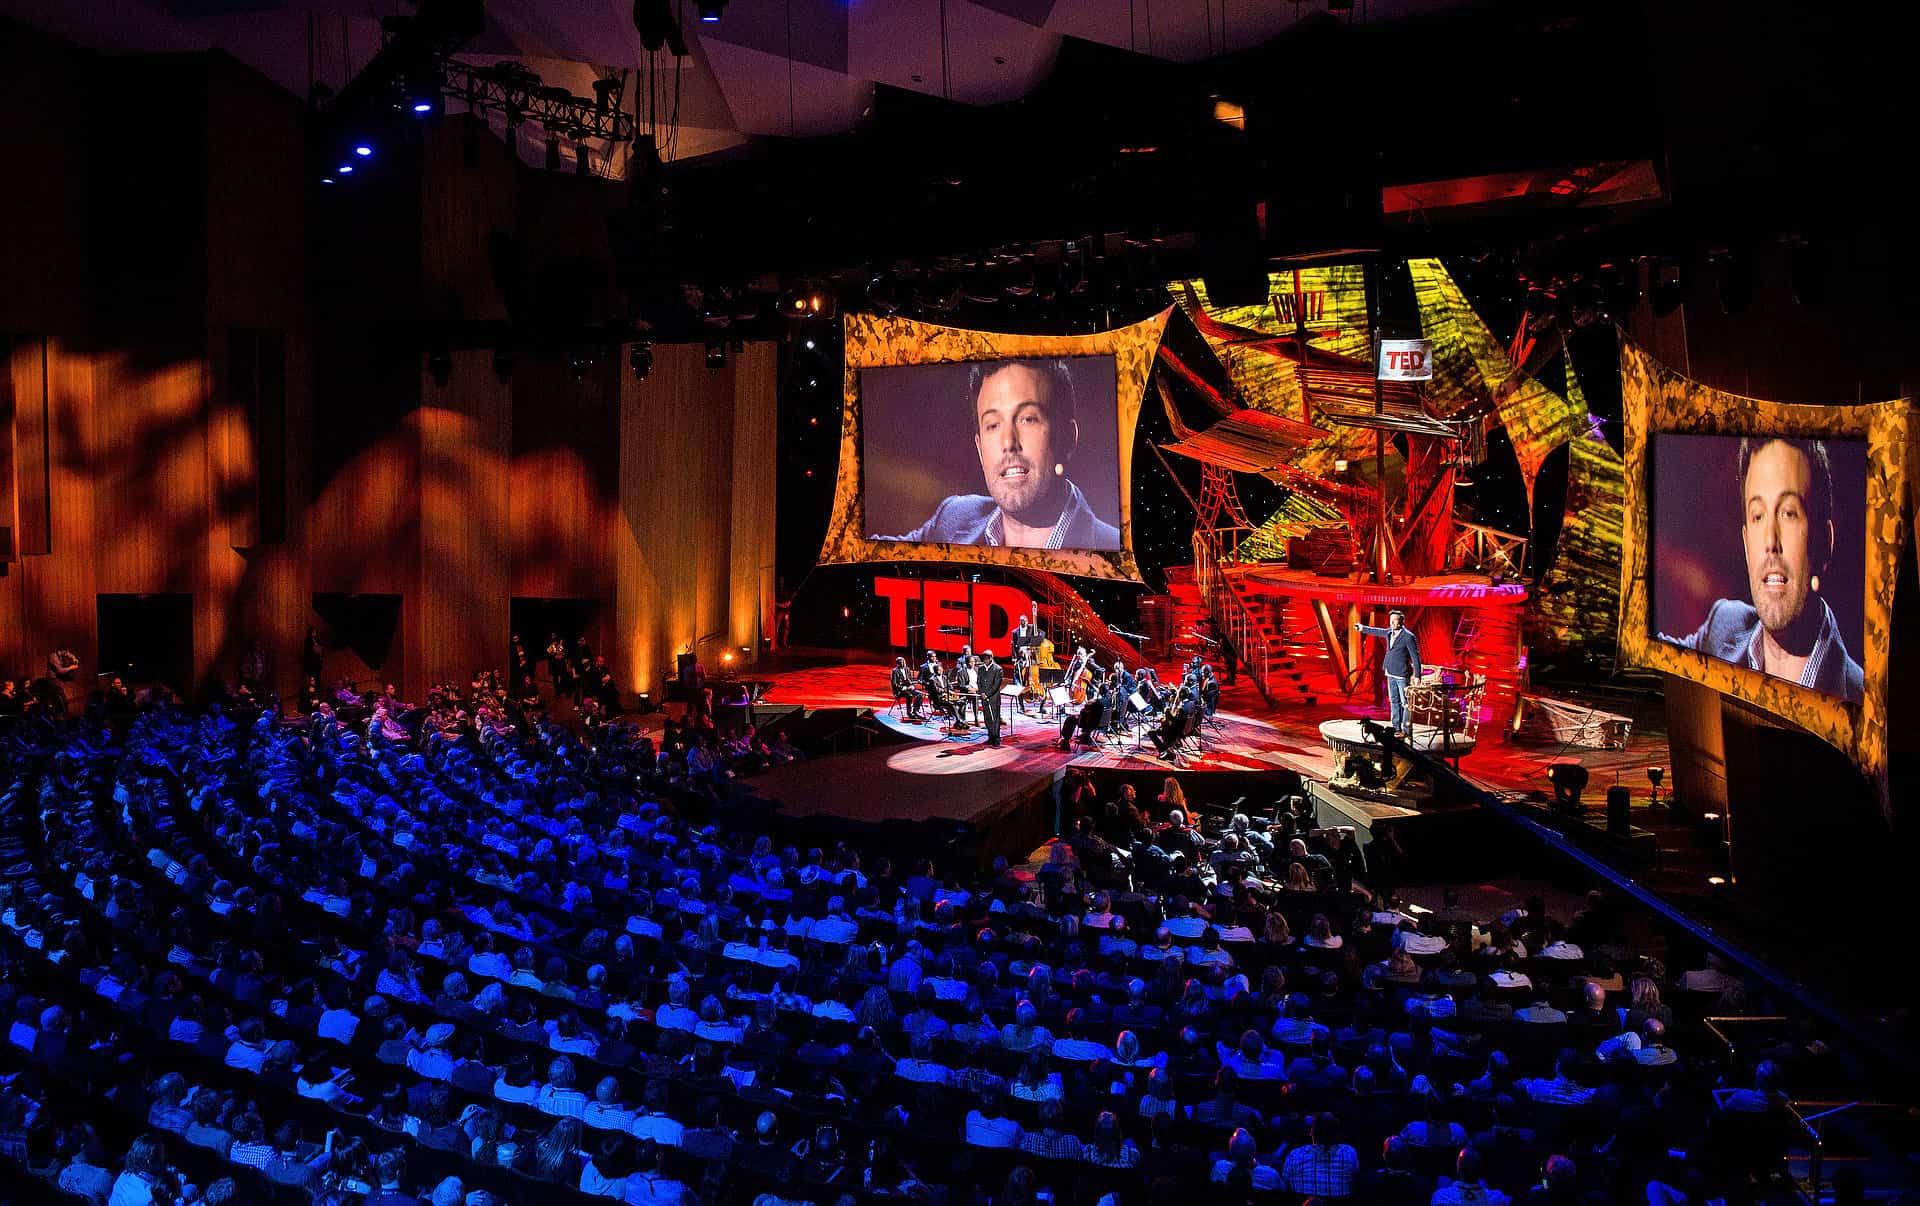 Classer les tendances en 5 vidéos TED